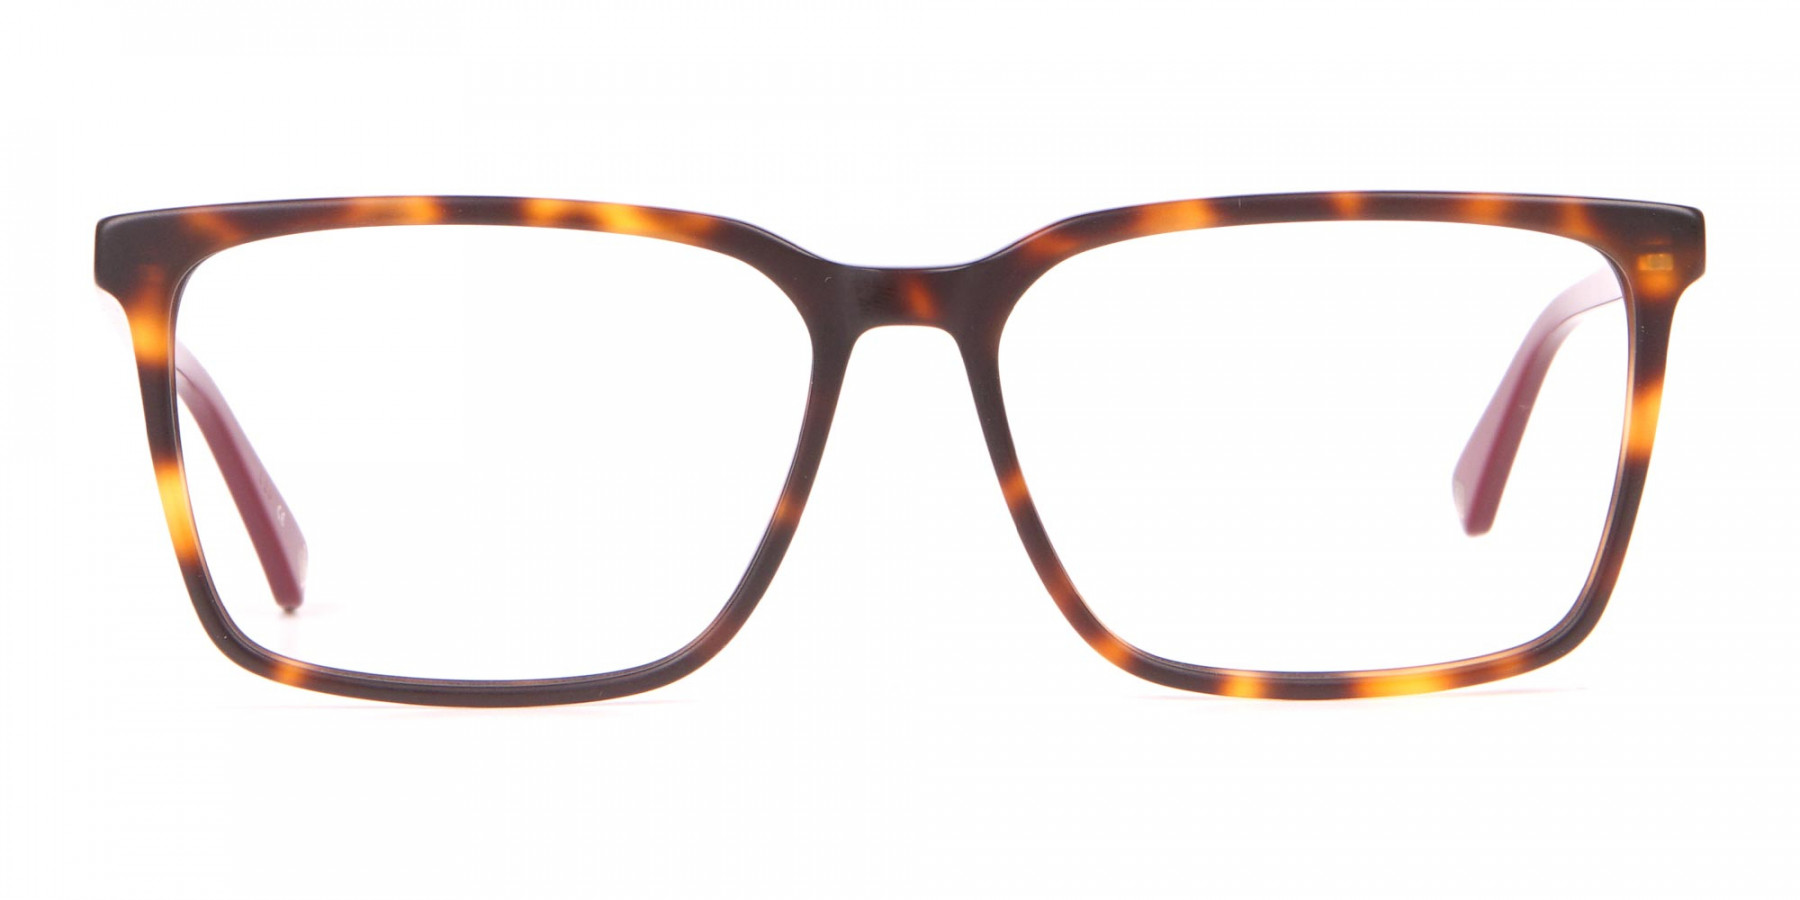 TED BAKER TB8209 ROWE Rectangular Glasses Red & Tortoise-1